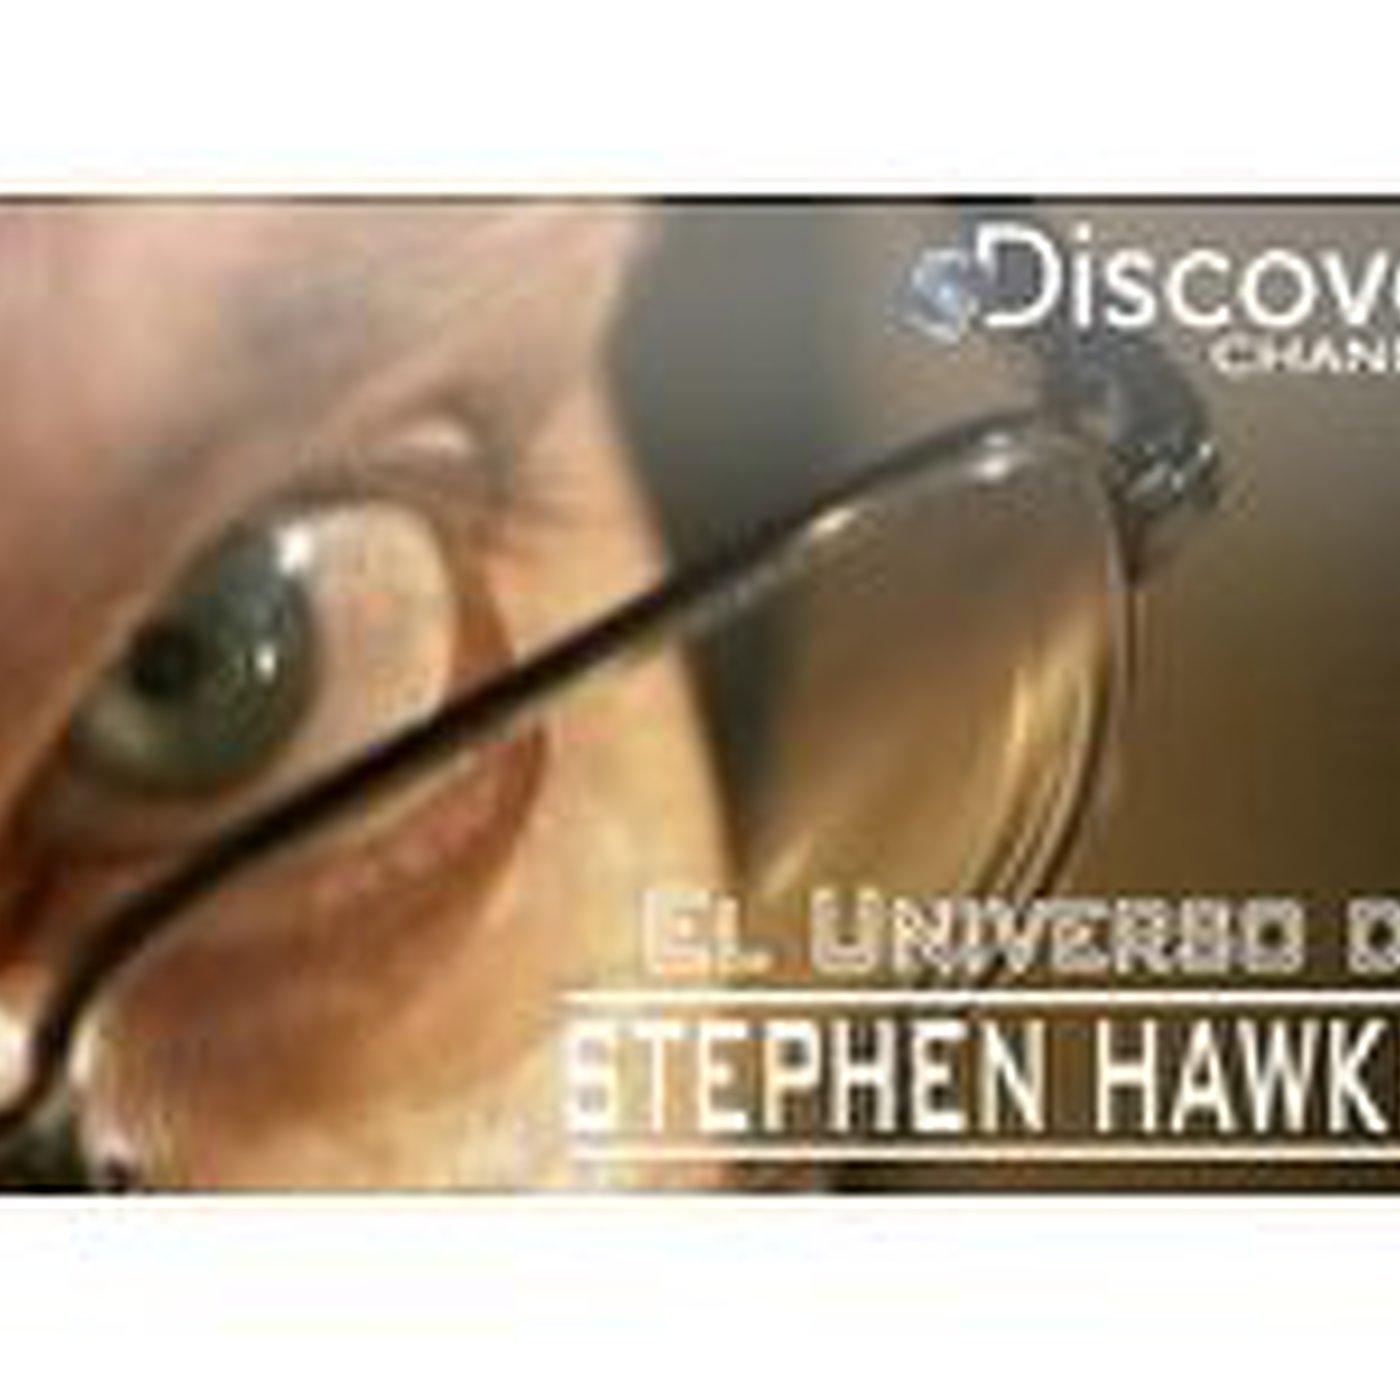 El Universo de Stephen Hawking - 01 - Ver para creer